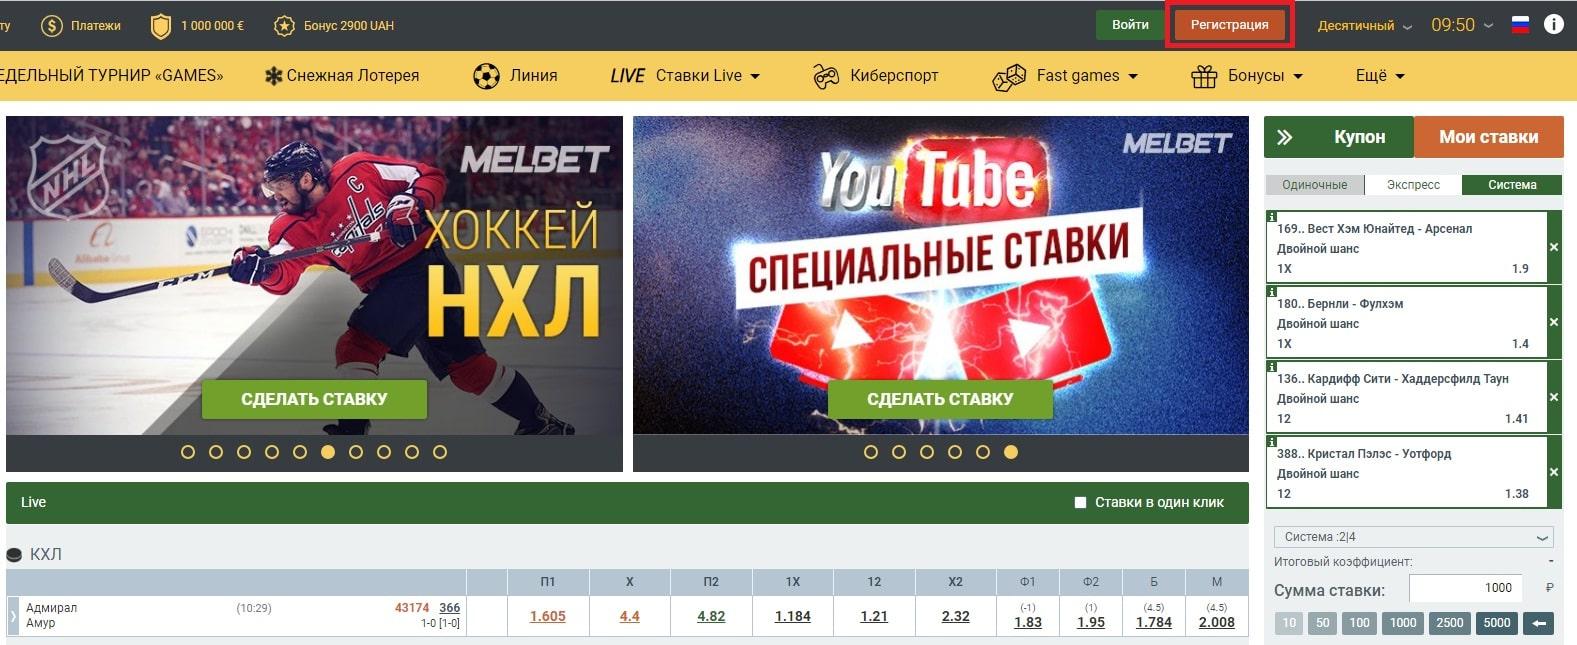 бесплатные спорт прогнозы на 06.12.2009